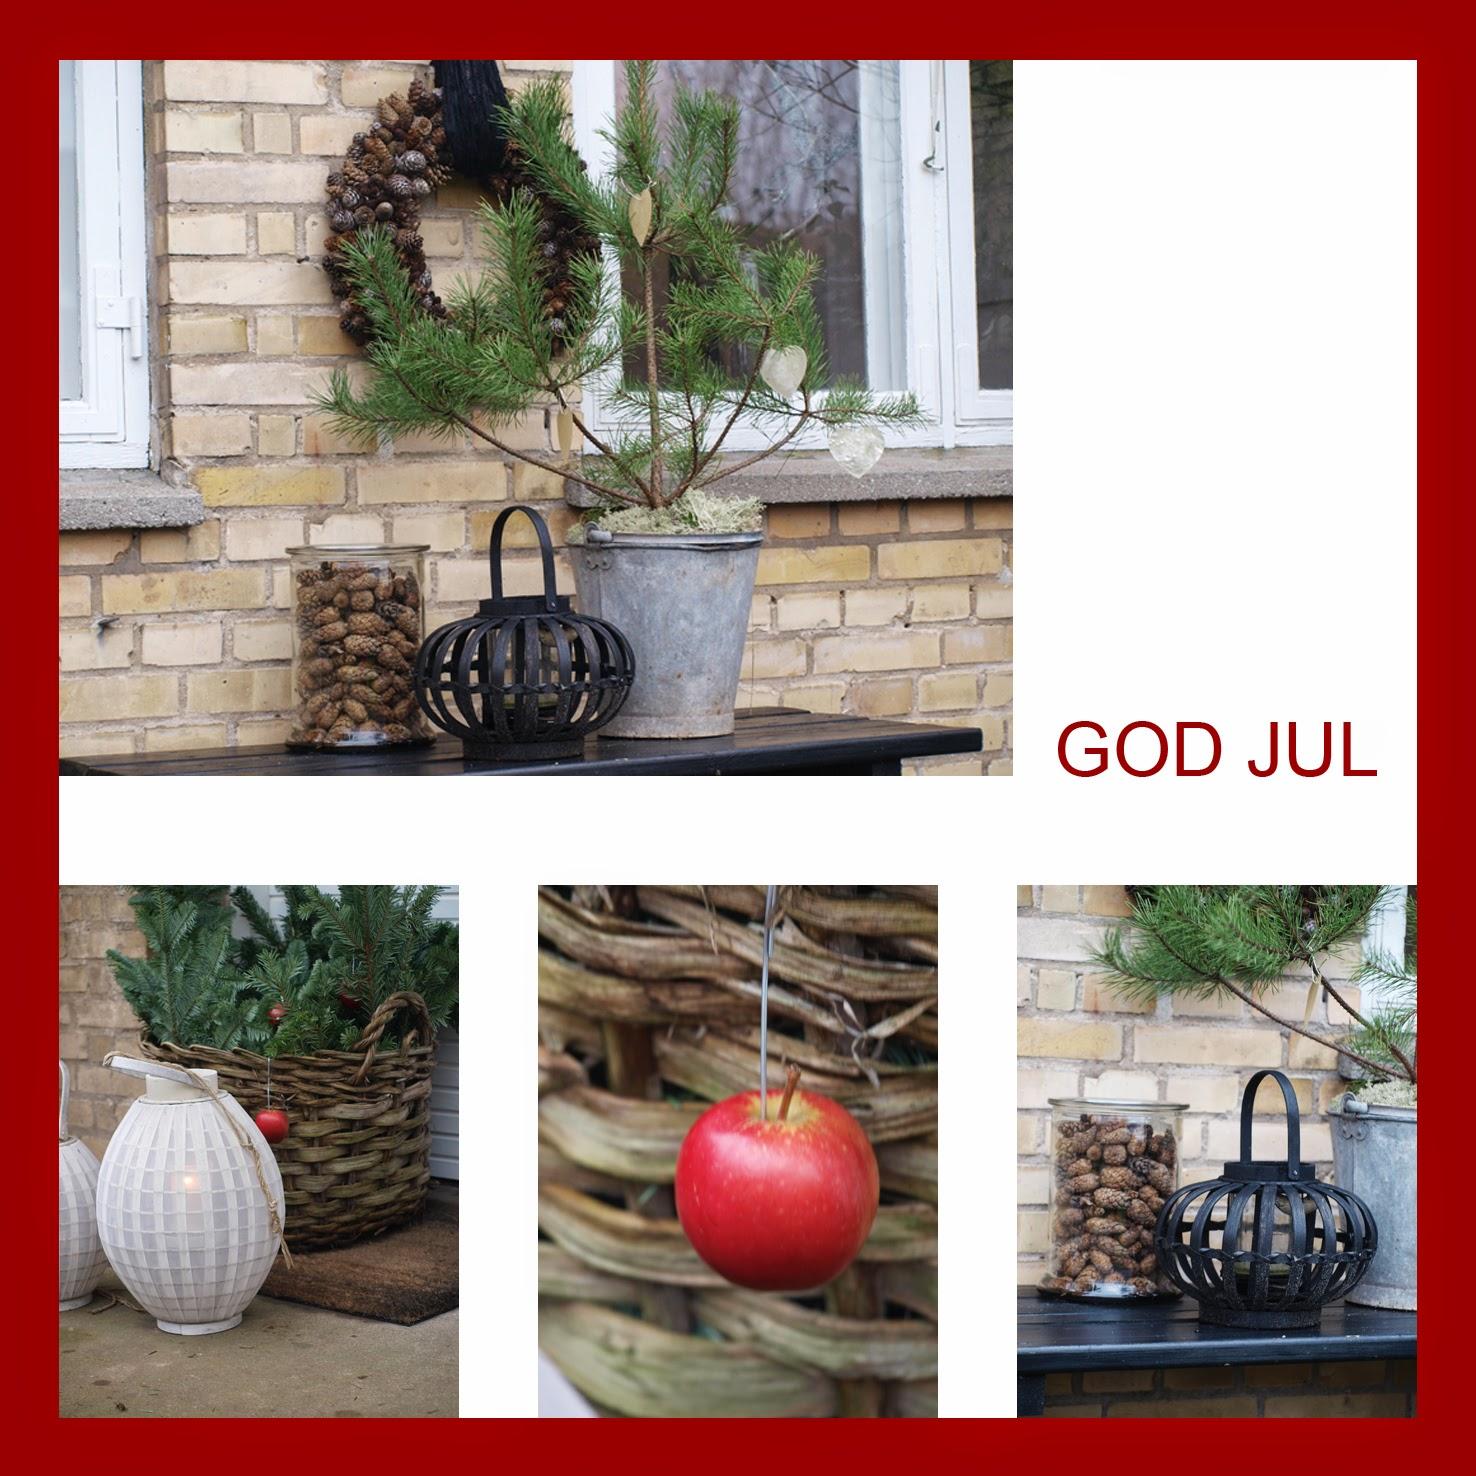 Have med naturligt julepynt giver julestemning udendørs